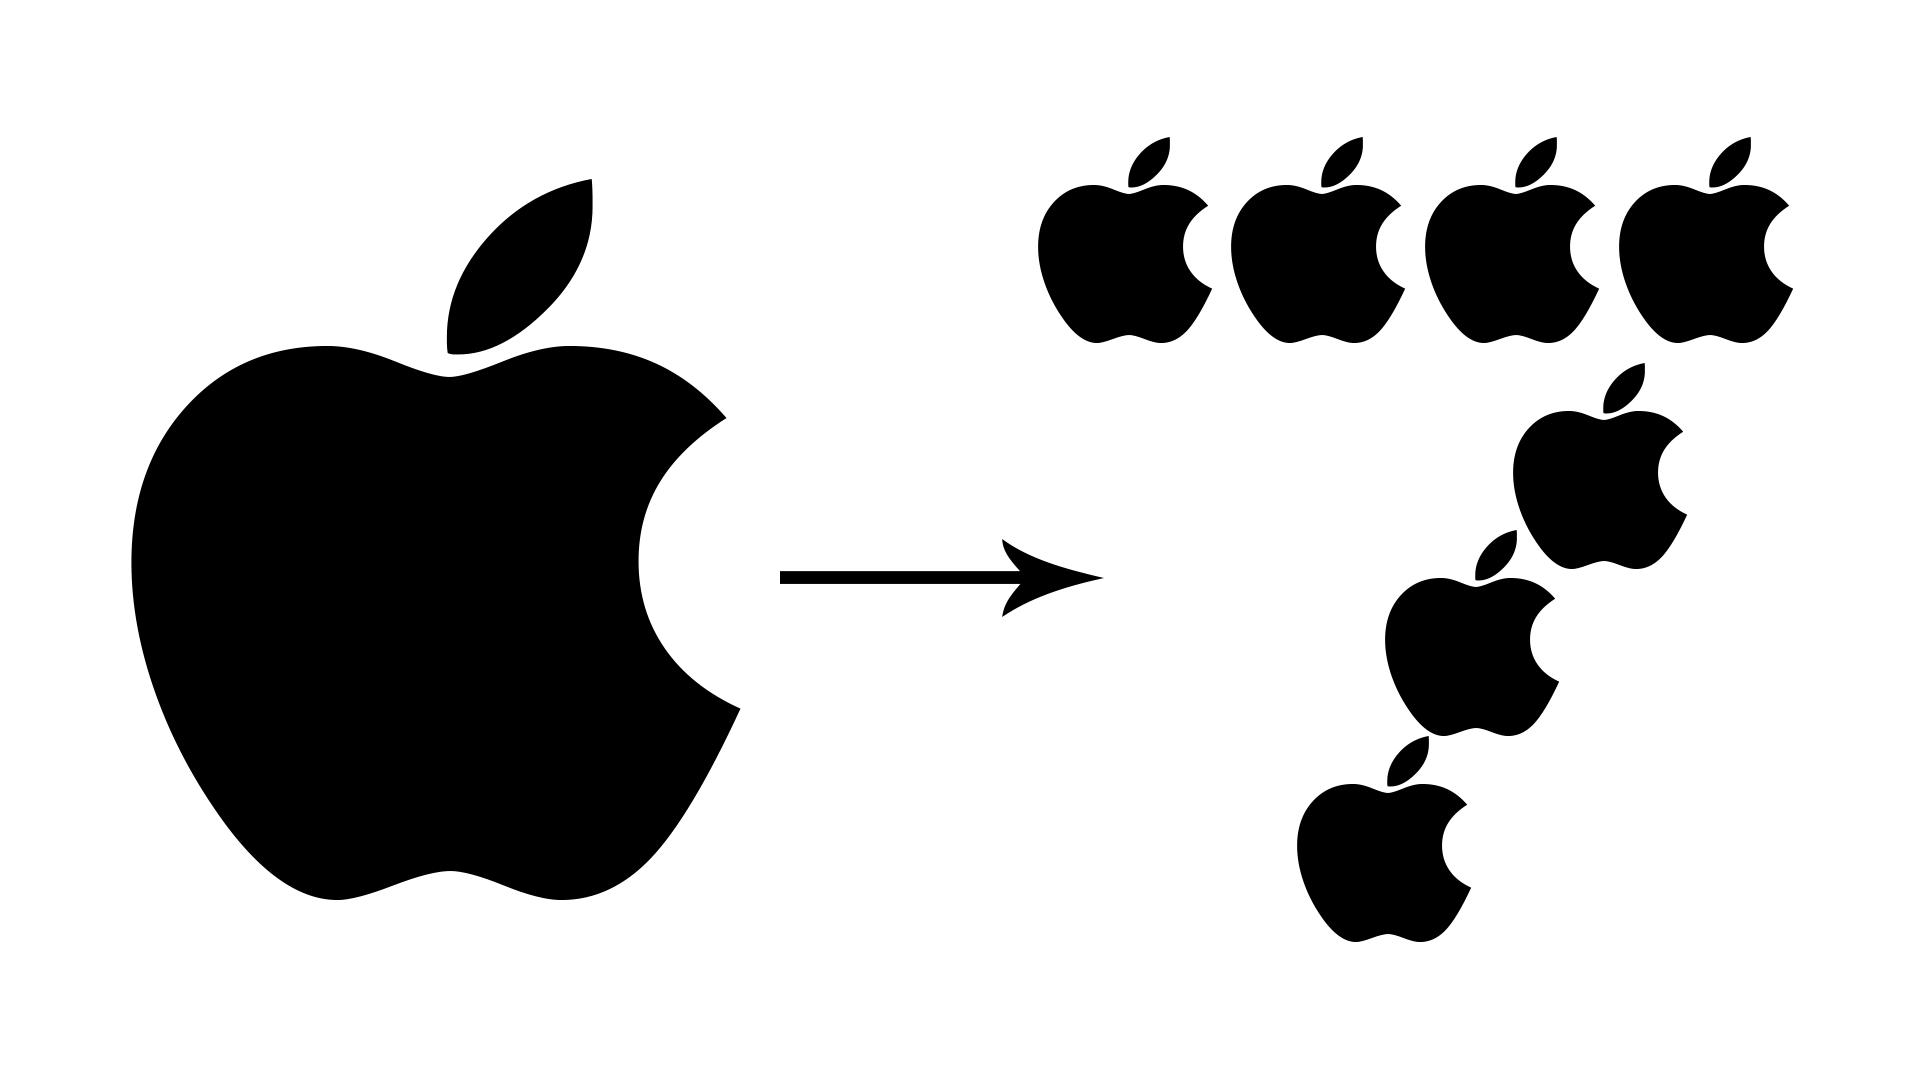 Apple-7-for-one-Stock-Split